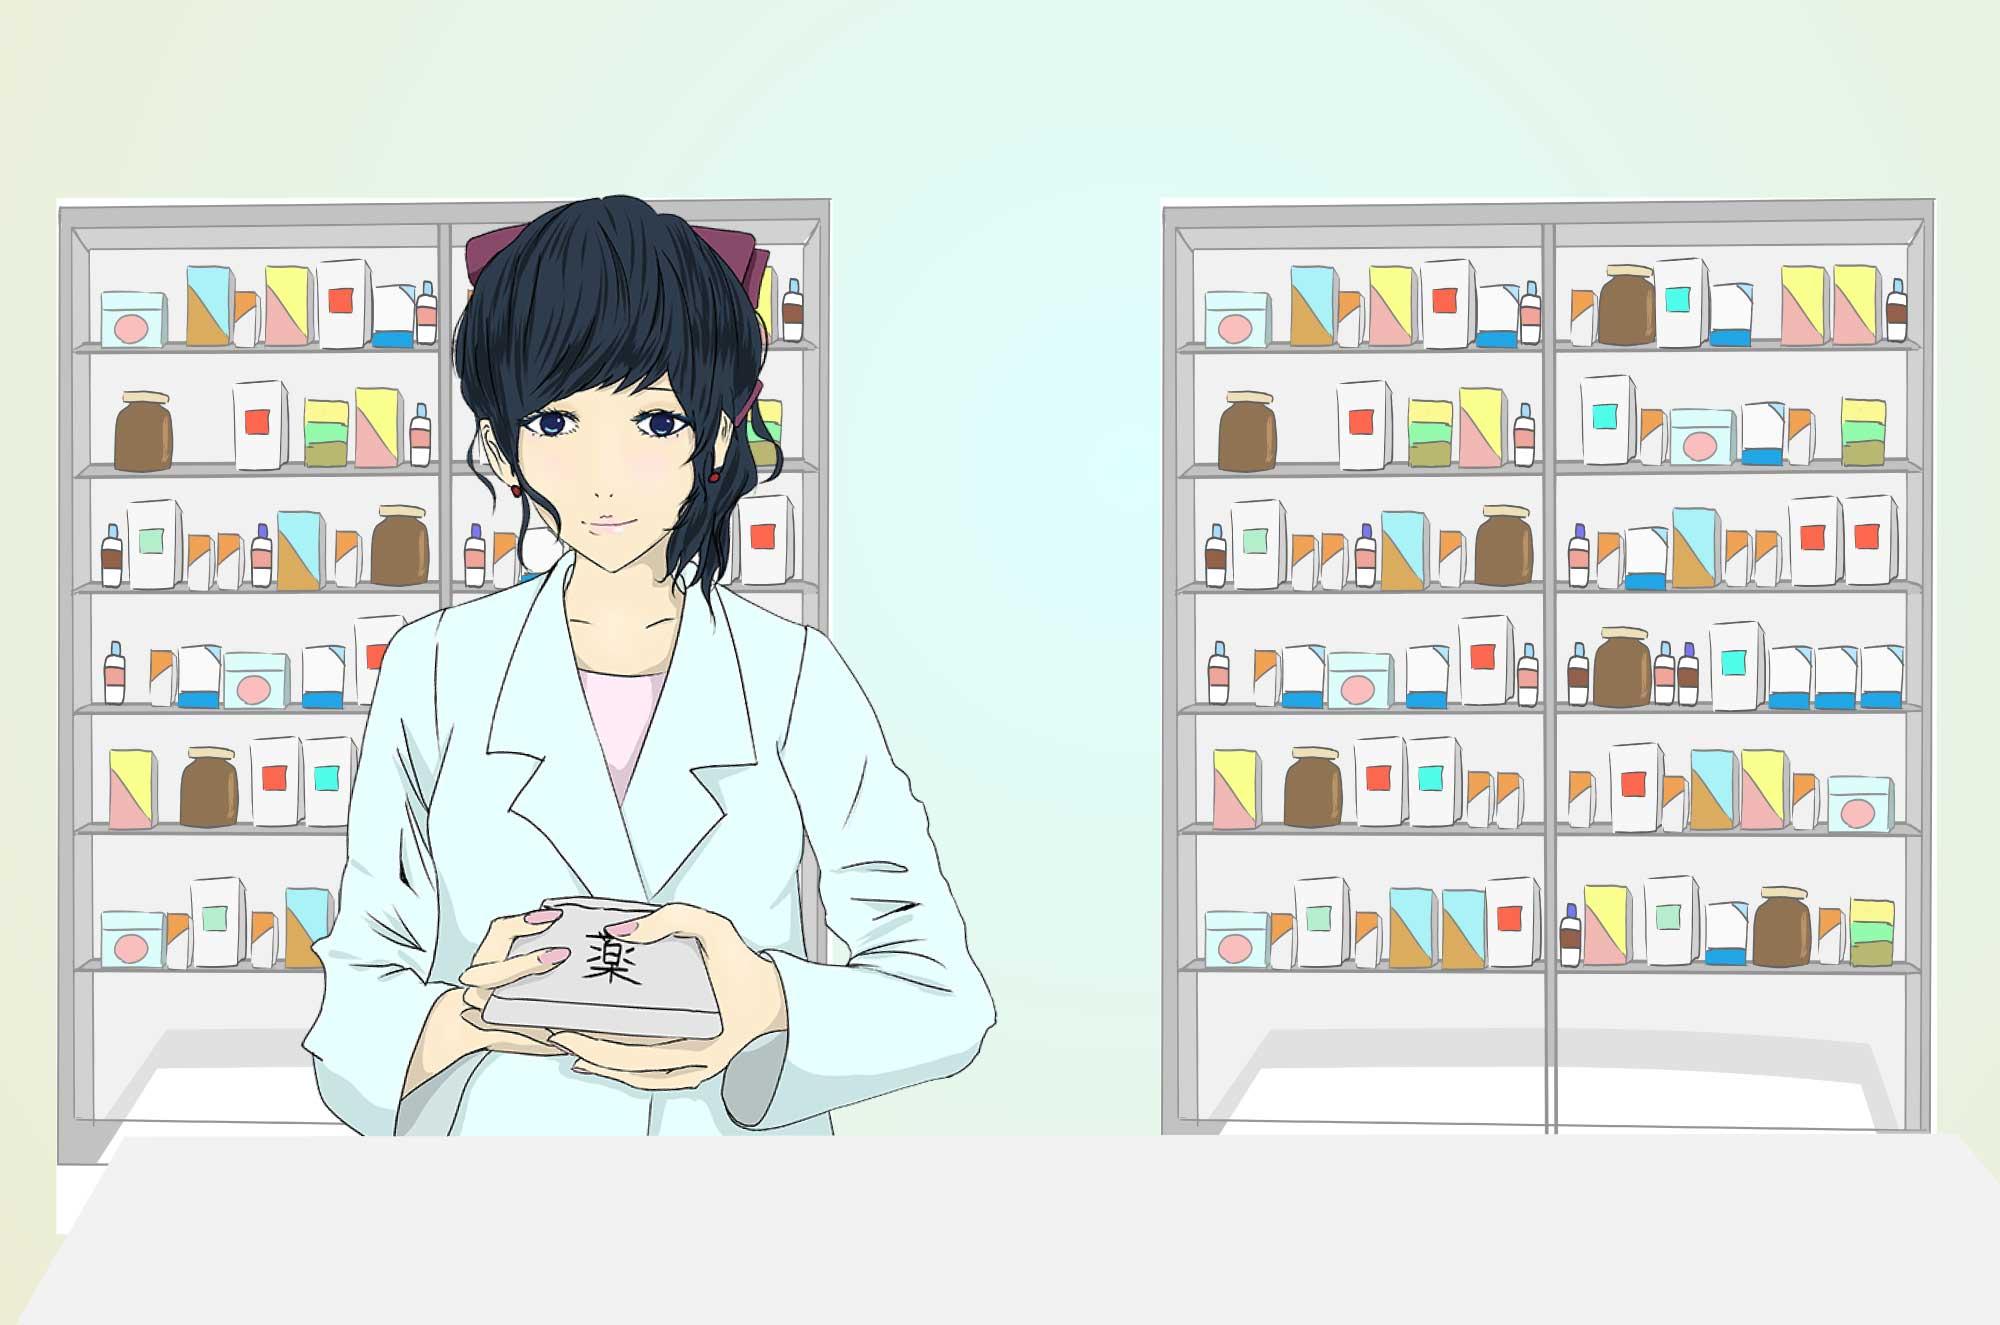 薬剤師のイラスト - 薬を調合する職業の無料素材